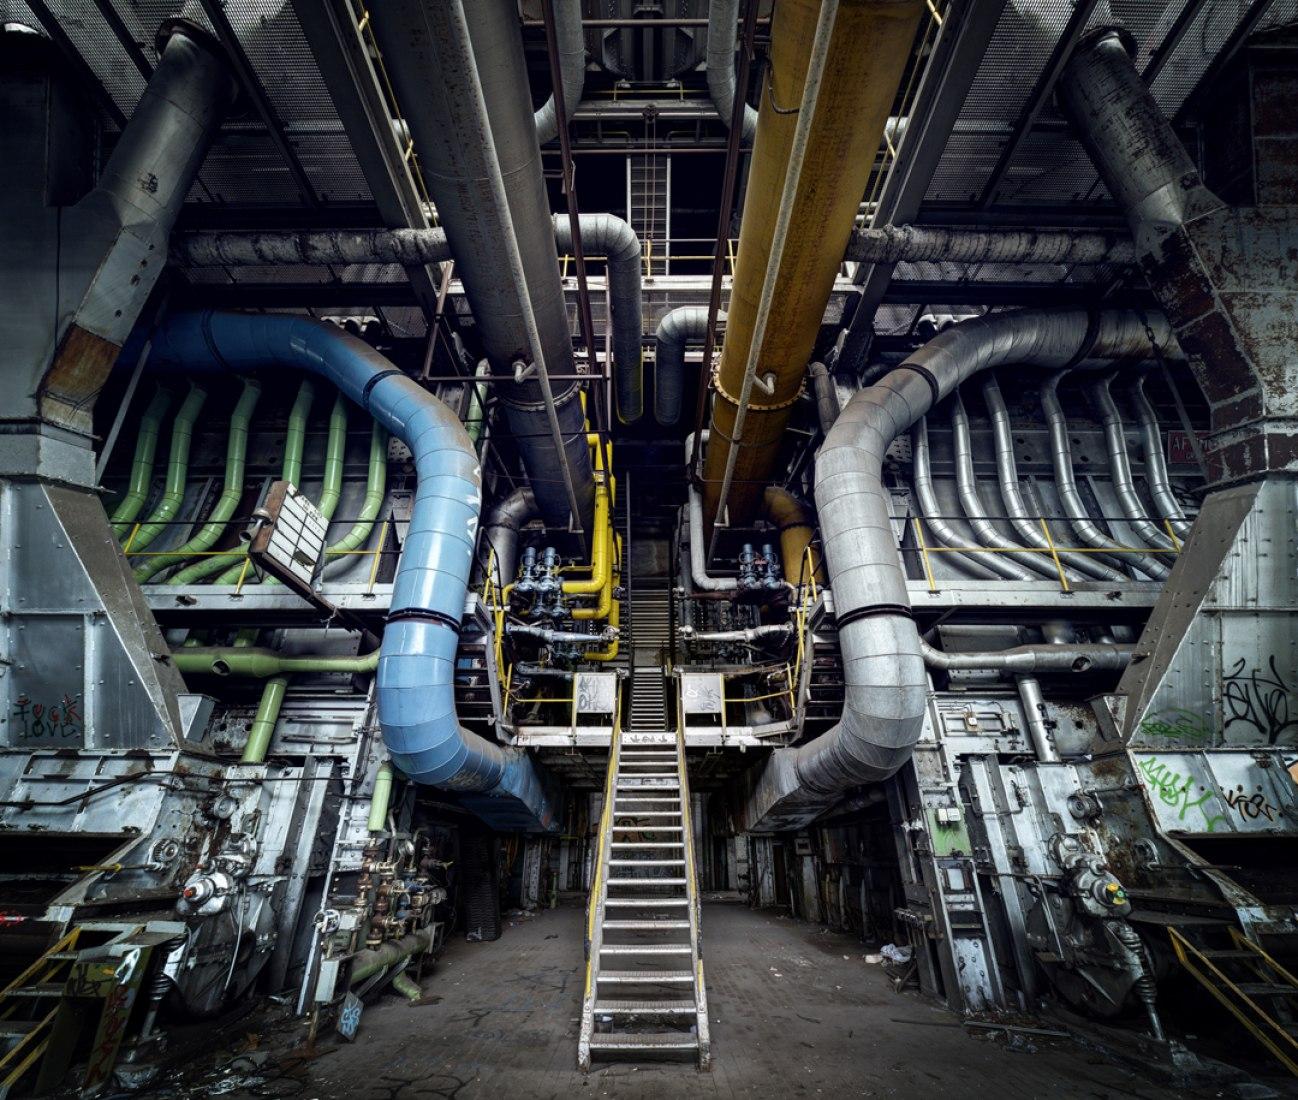 Abundantes tubos en el detallado interior de una Central Eléctrica en Luxemburgo. Fotografía © Matthew Emmett.